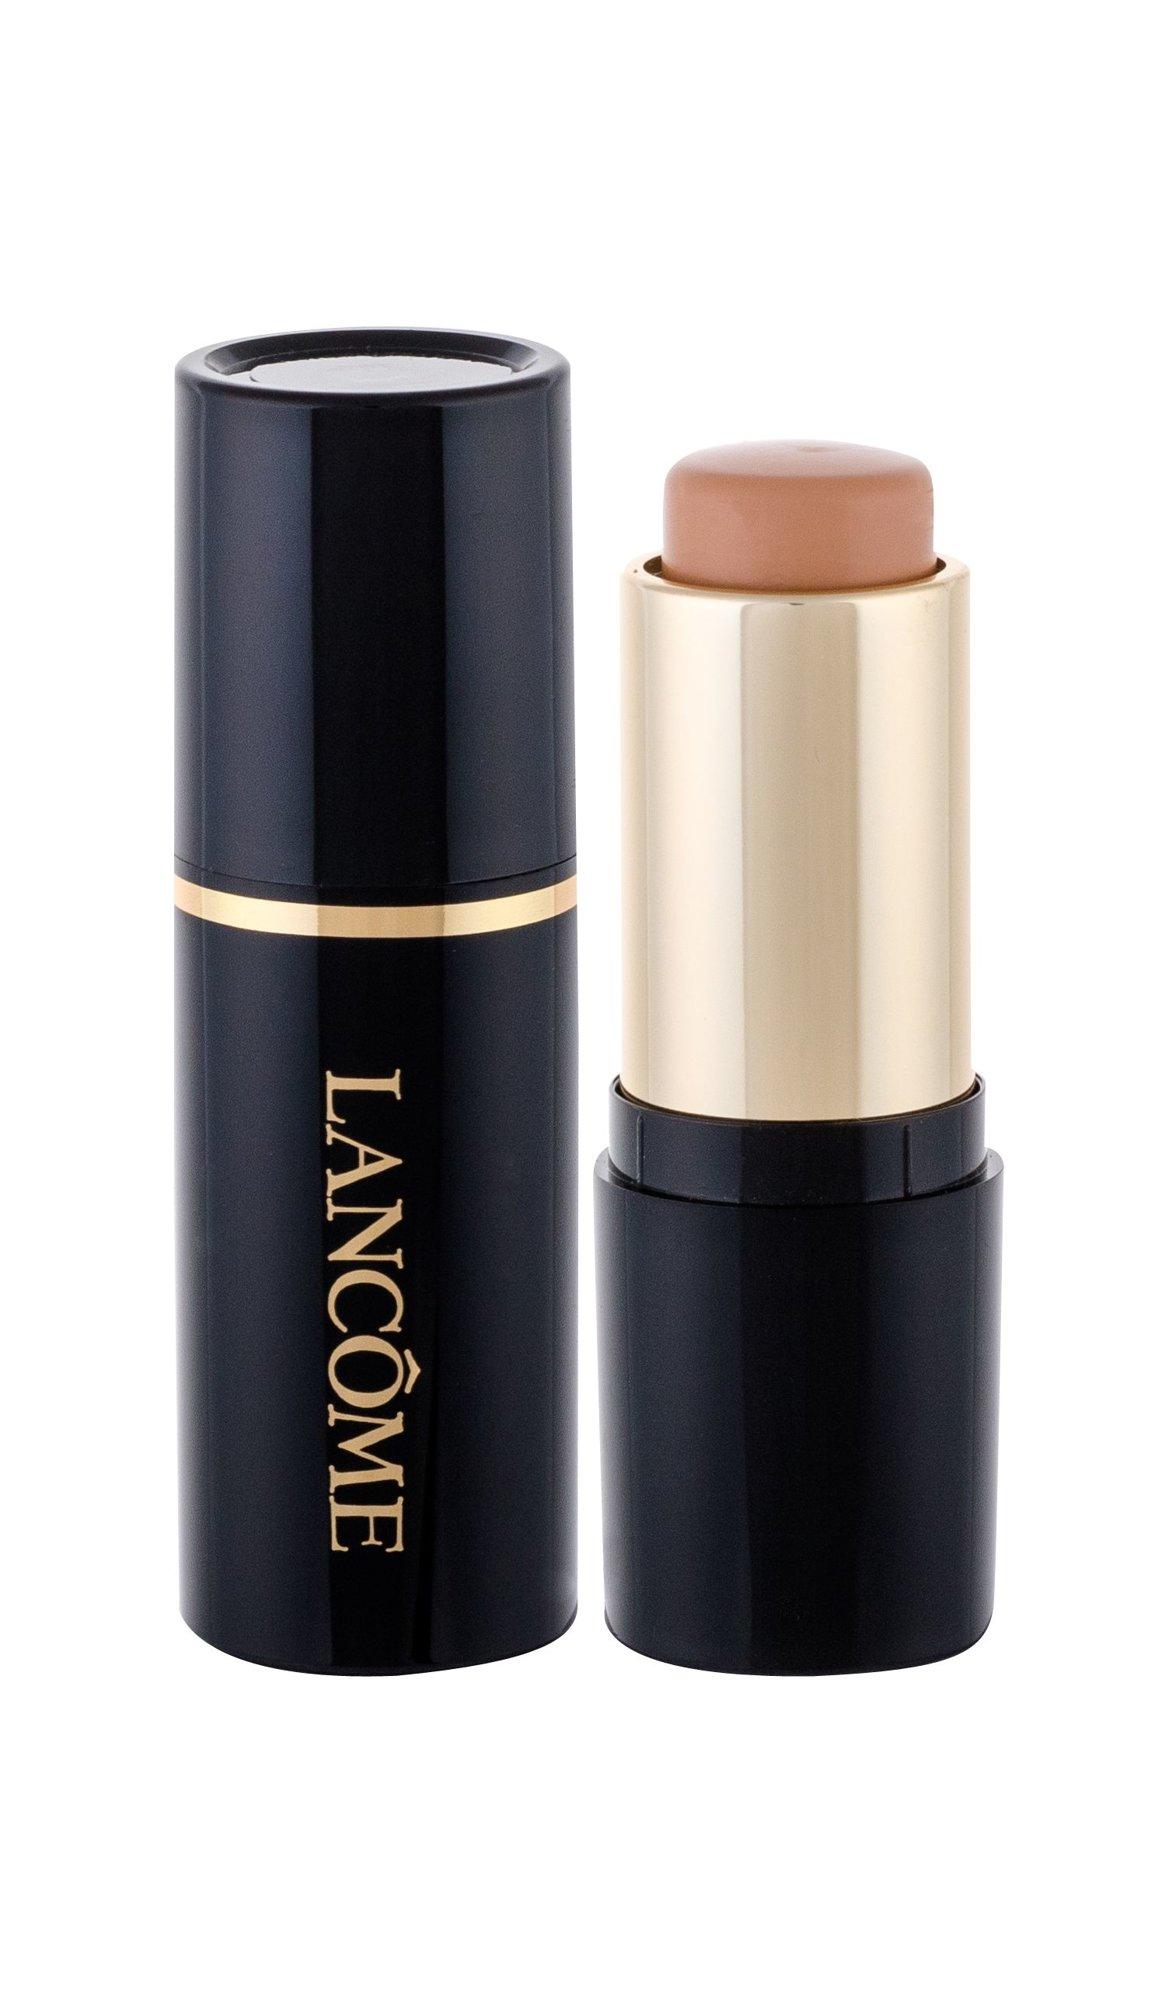 Lancôme Teint Idole Ultra Wear Makeup 9ml 035 Beige Dore